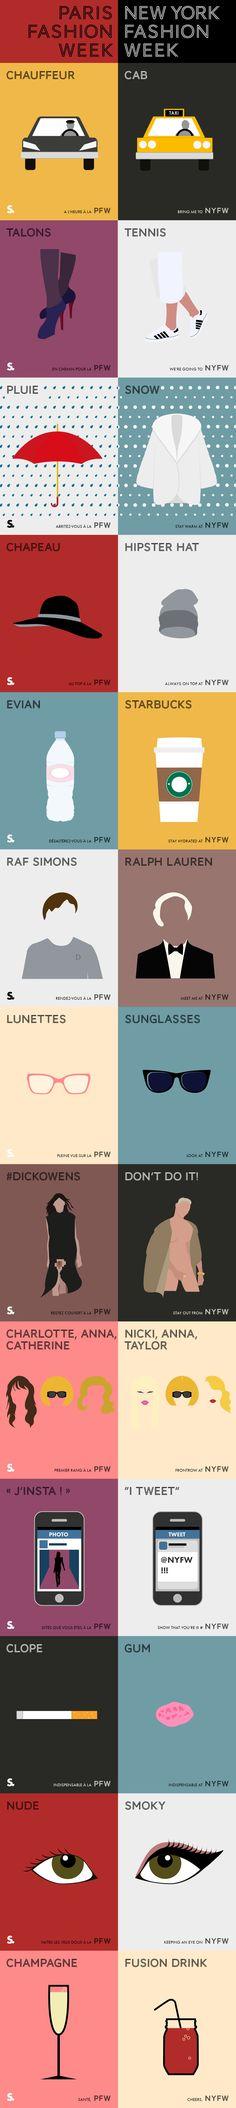 L'infographie du jour : la battle entre les Fashion Weeks de New York et de P...